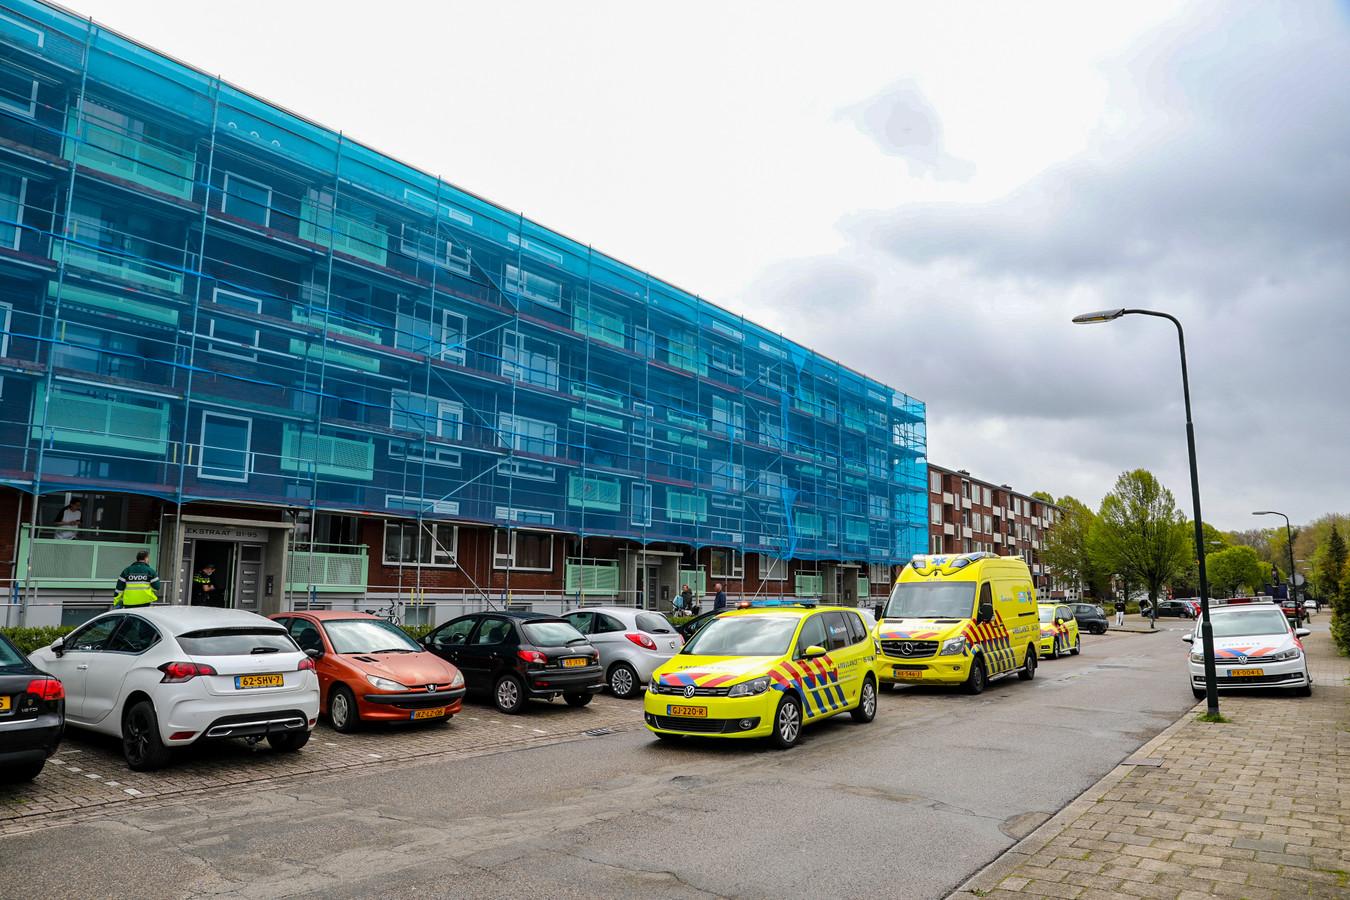 Een traumahelikopter werd opgeroepen voor een vrouw die van de trap viel in haar appartementencomplex aan de Lekstraat in Apeldoorn.